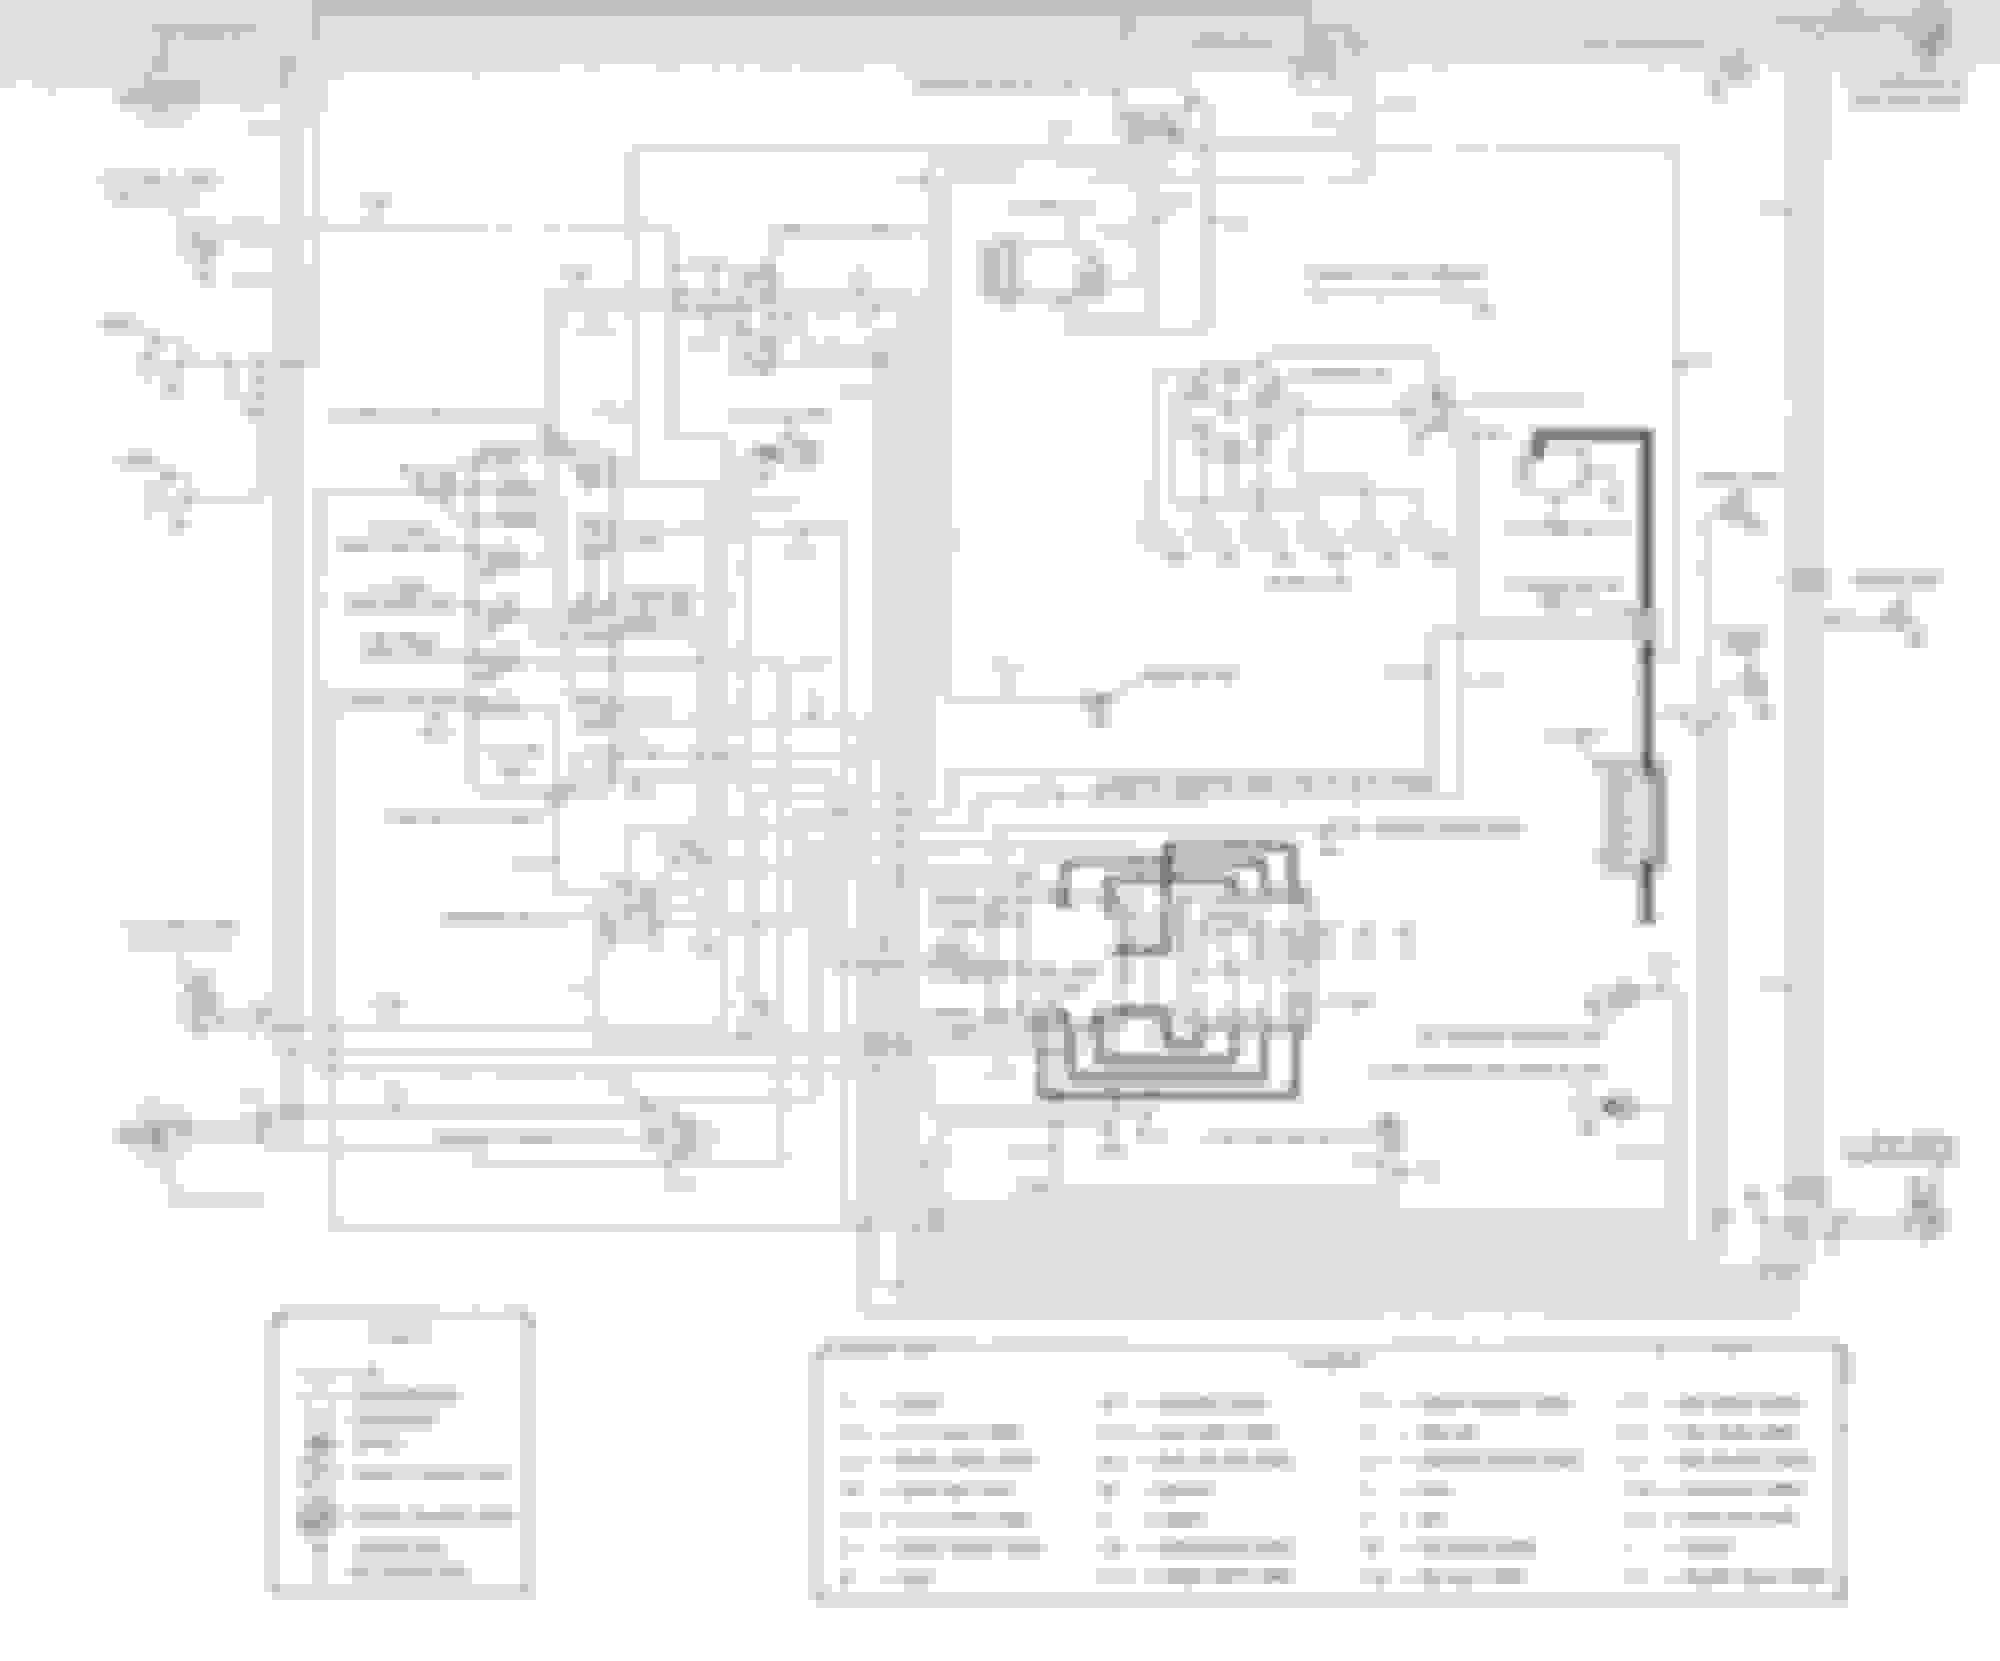 34 Ford F100 Wiring Diagram